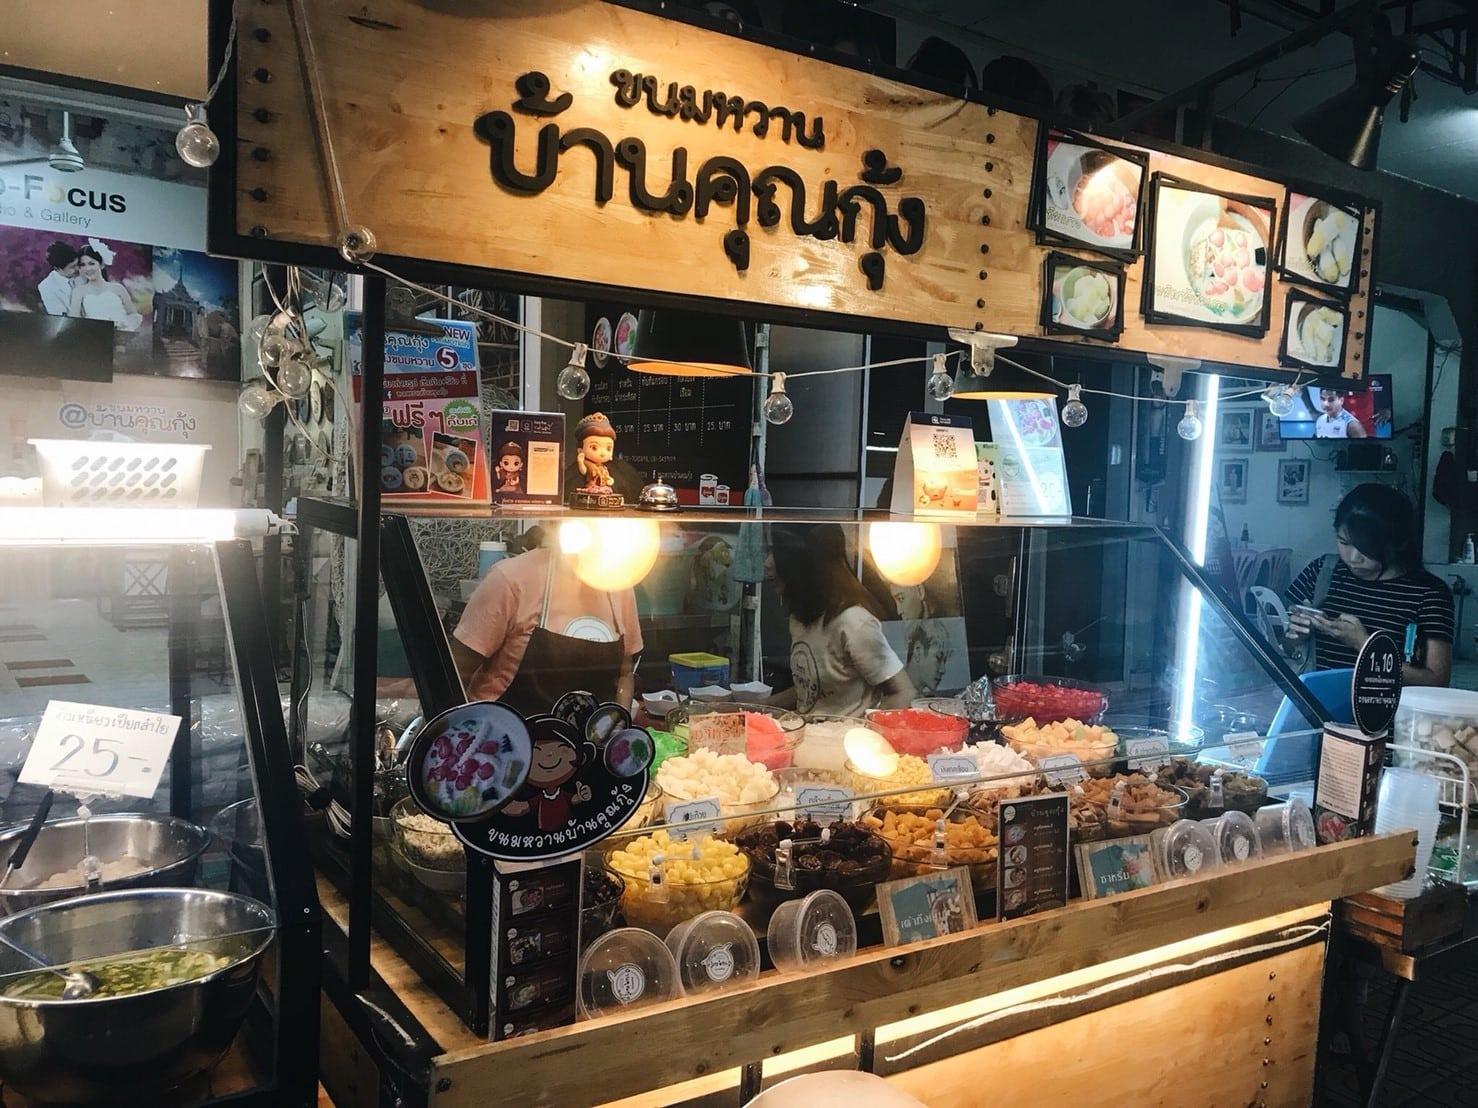 ที่เที่ยวอุดร หนองคาย ร้านขนมหวานพี่กุ้ง